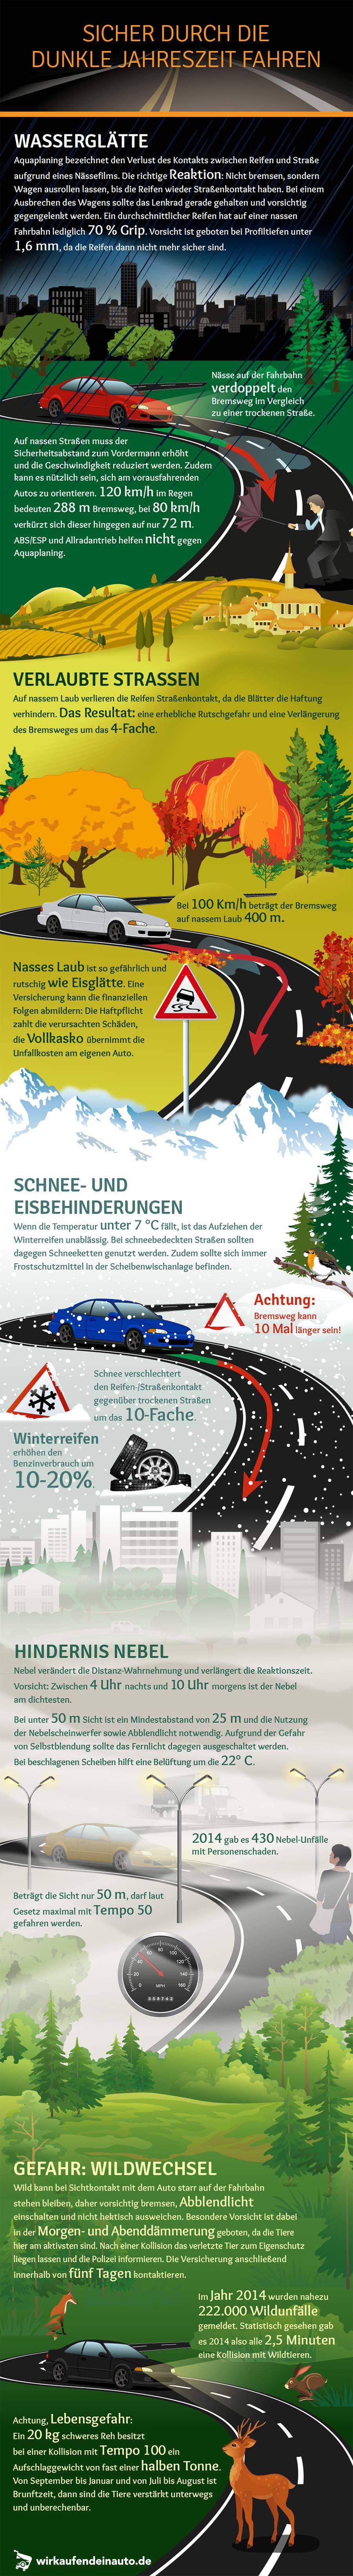 Gefahren Strassenverkehr Herbst Winter